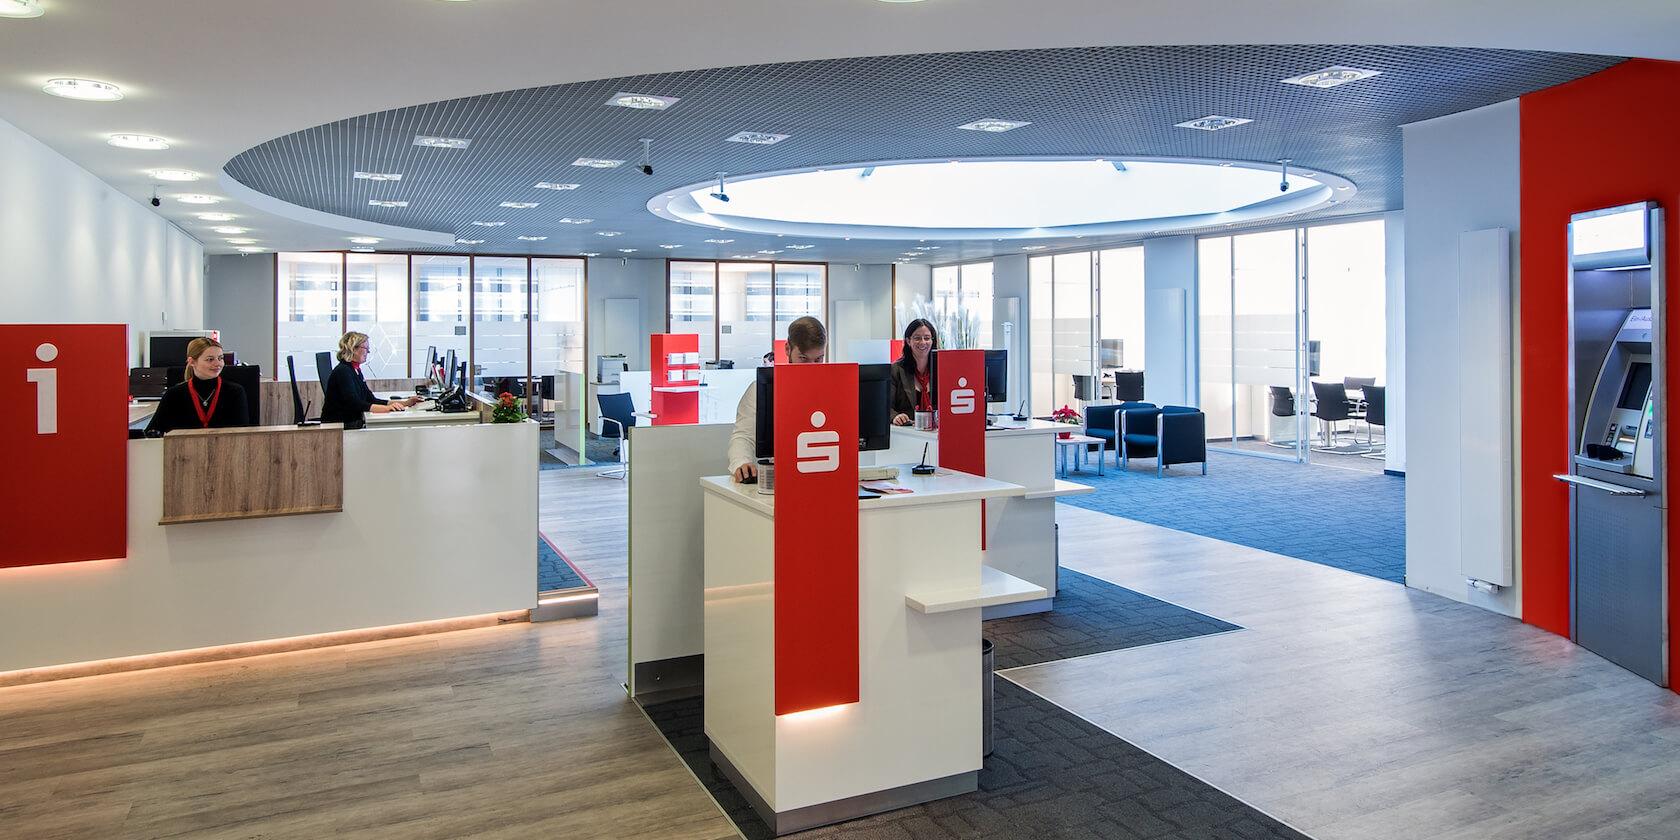 Innenarchitektur Banken - Sparkasse Bad Sachsa Empfang